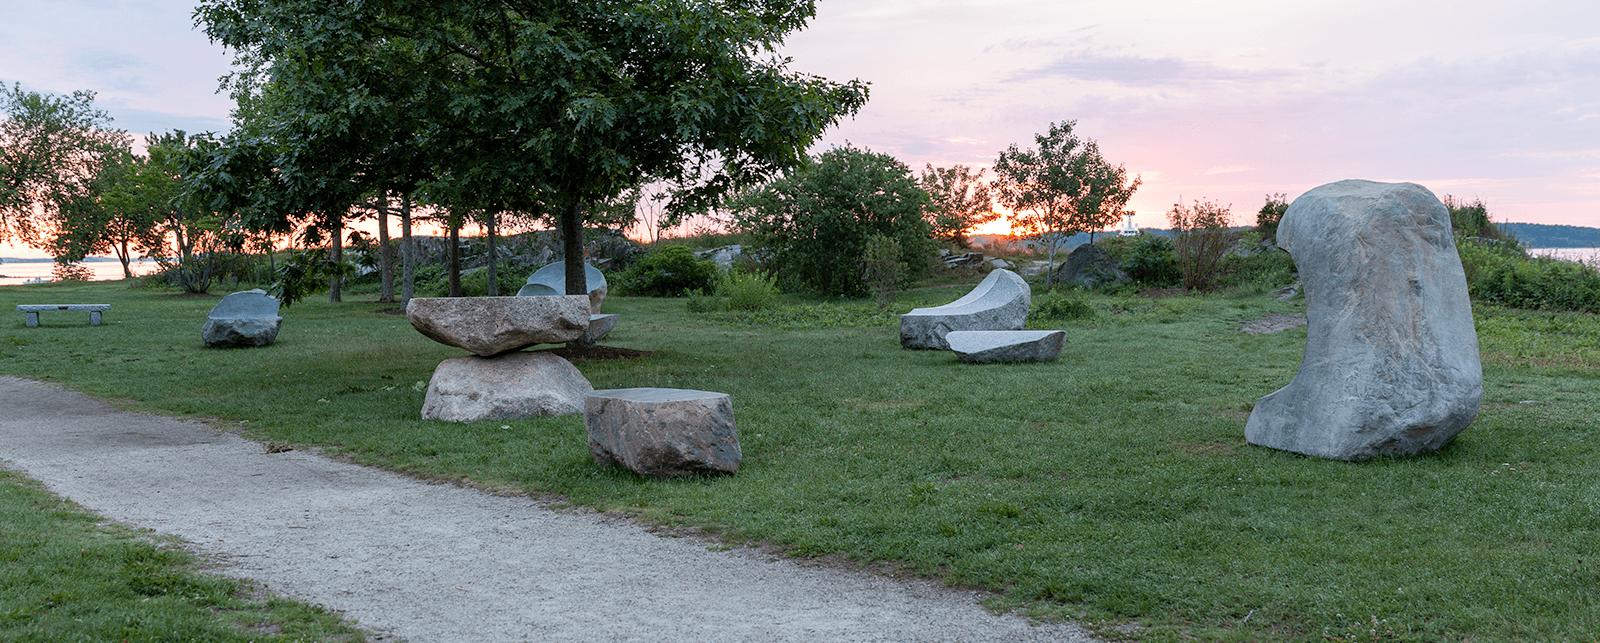 Gathering Stones at Sunrise